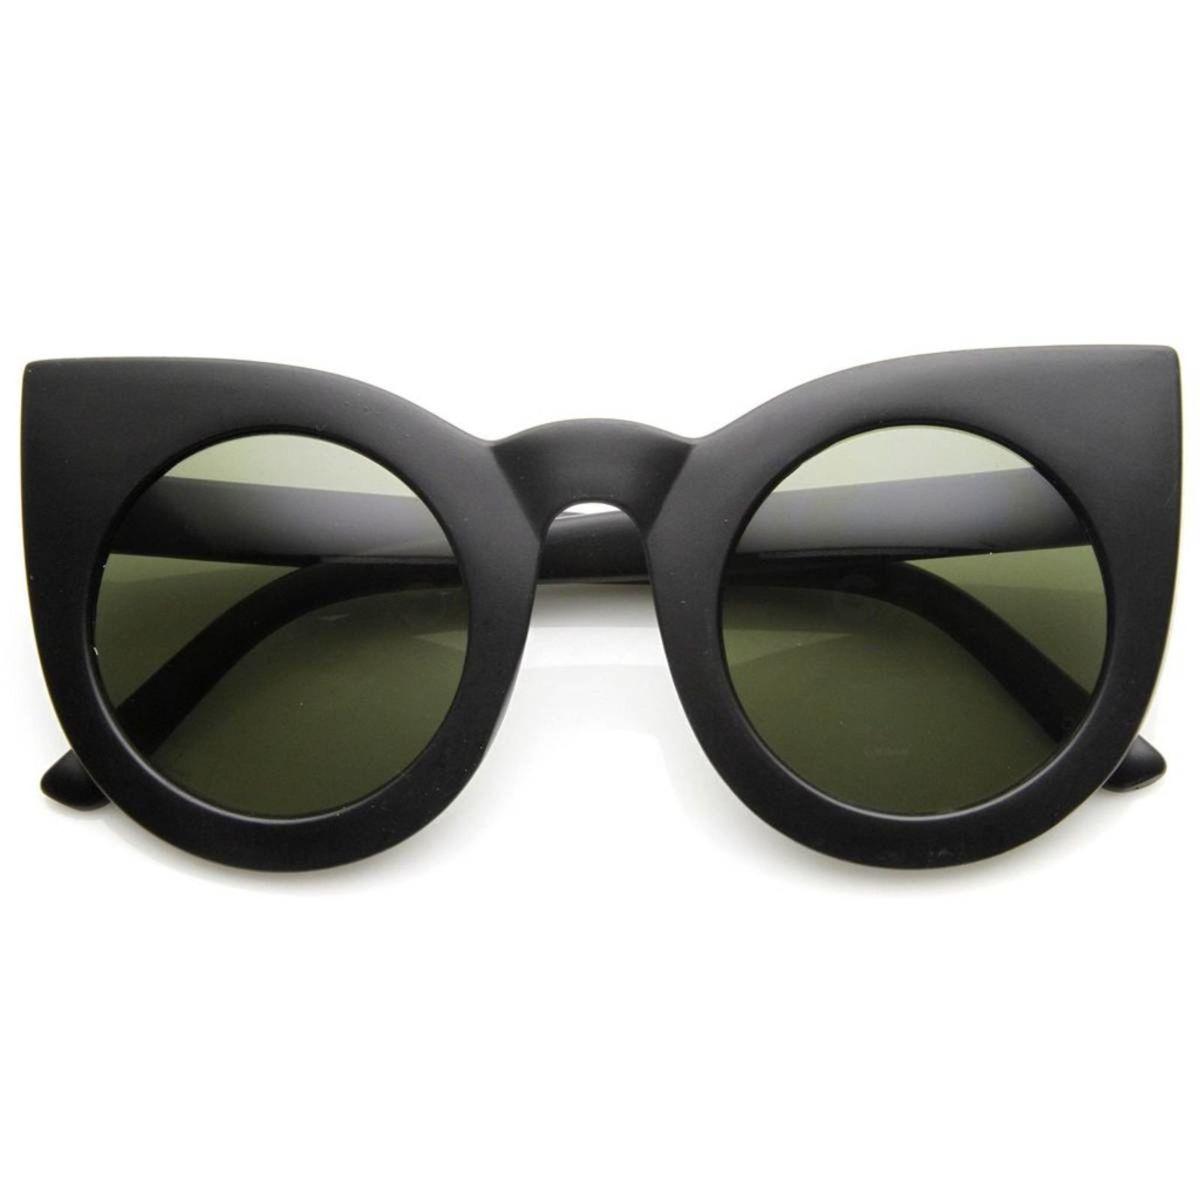 óculos gatinho redondo oversize - óculos sem marca.  Czm6ly9wag90b3muzw5qb2vplmnvbs5ici9wcm9kdwn0cy8zotuwnzuvn2jlotu2mznizdnjztq2zme4mdmwnmy0njewnzy5nwuuanbn  ... 10eb1da2c5